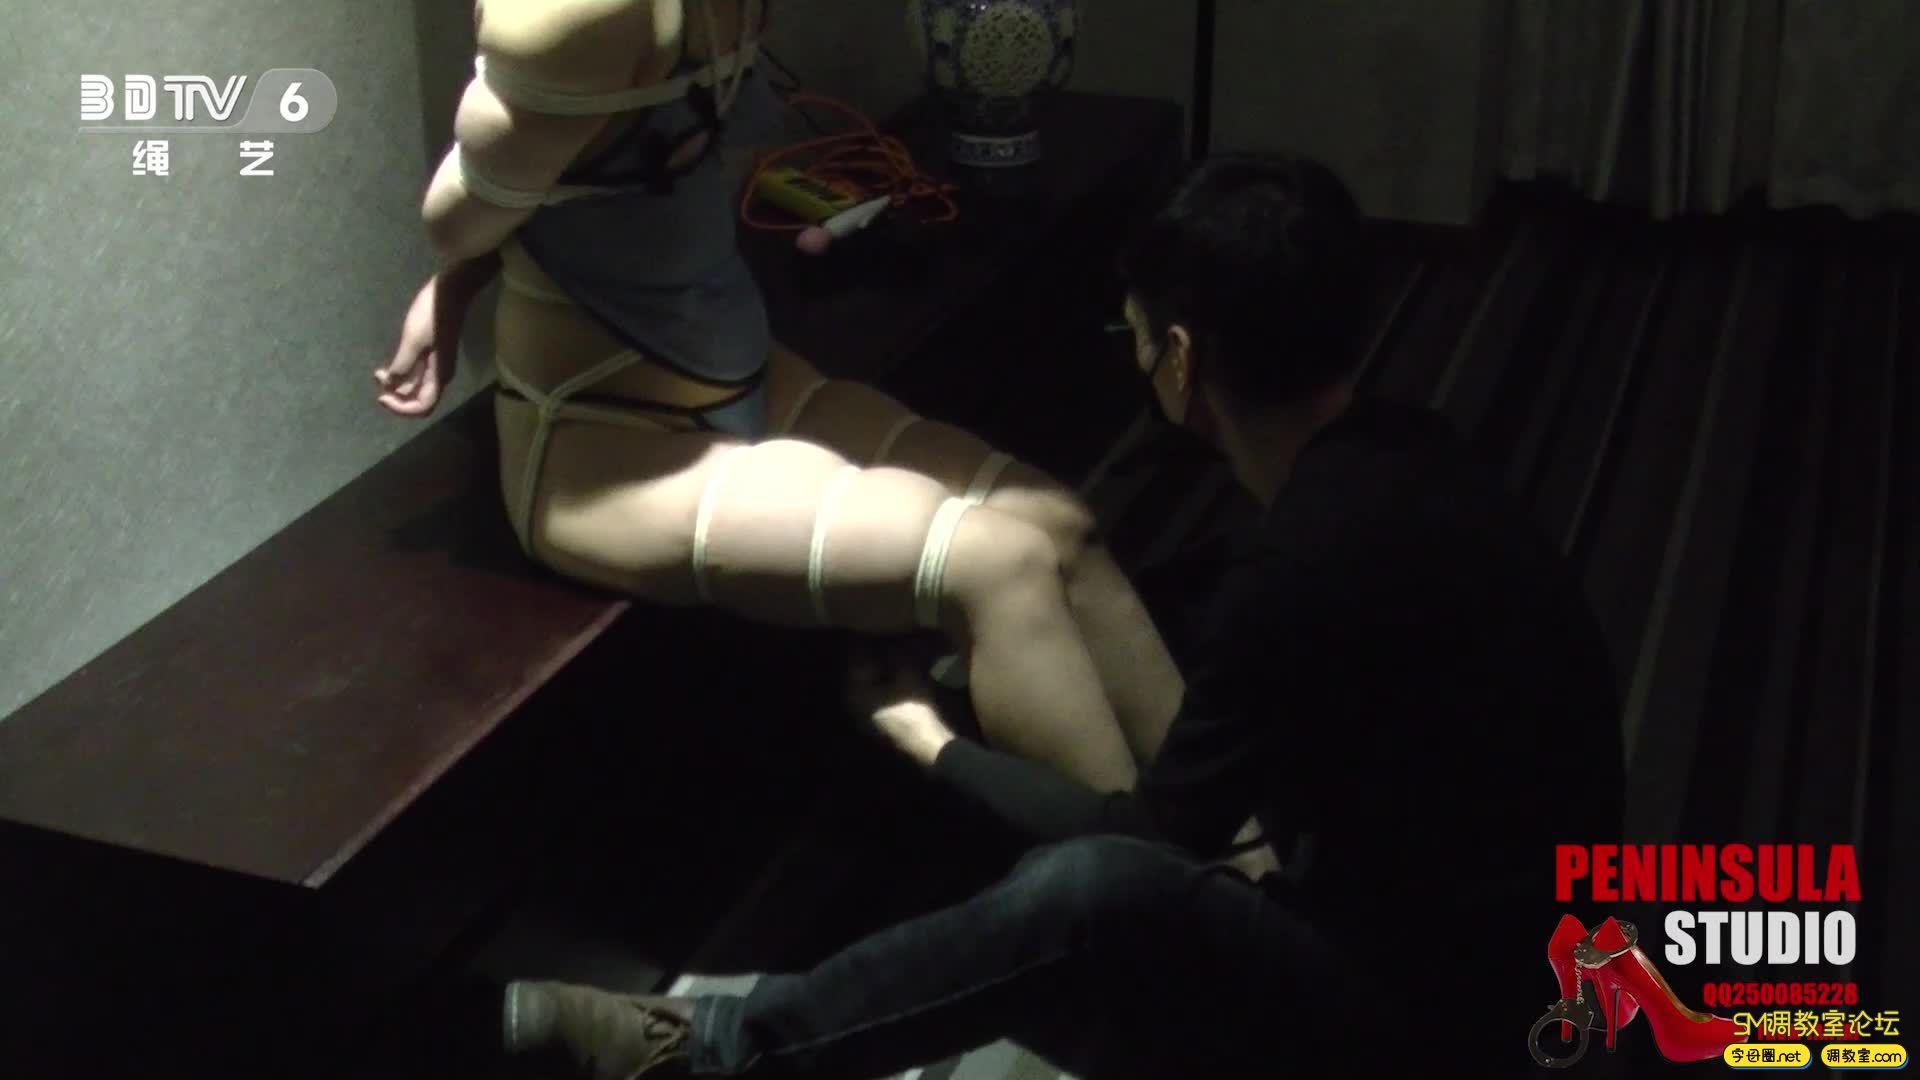 半岛束艺台_浴池激情前传:性感肚兜大美腿蛇缚-视频截图3